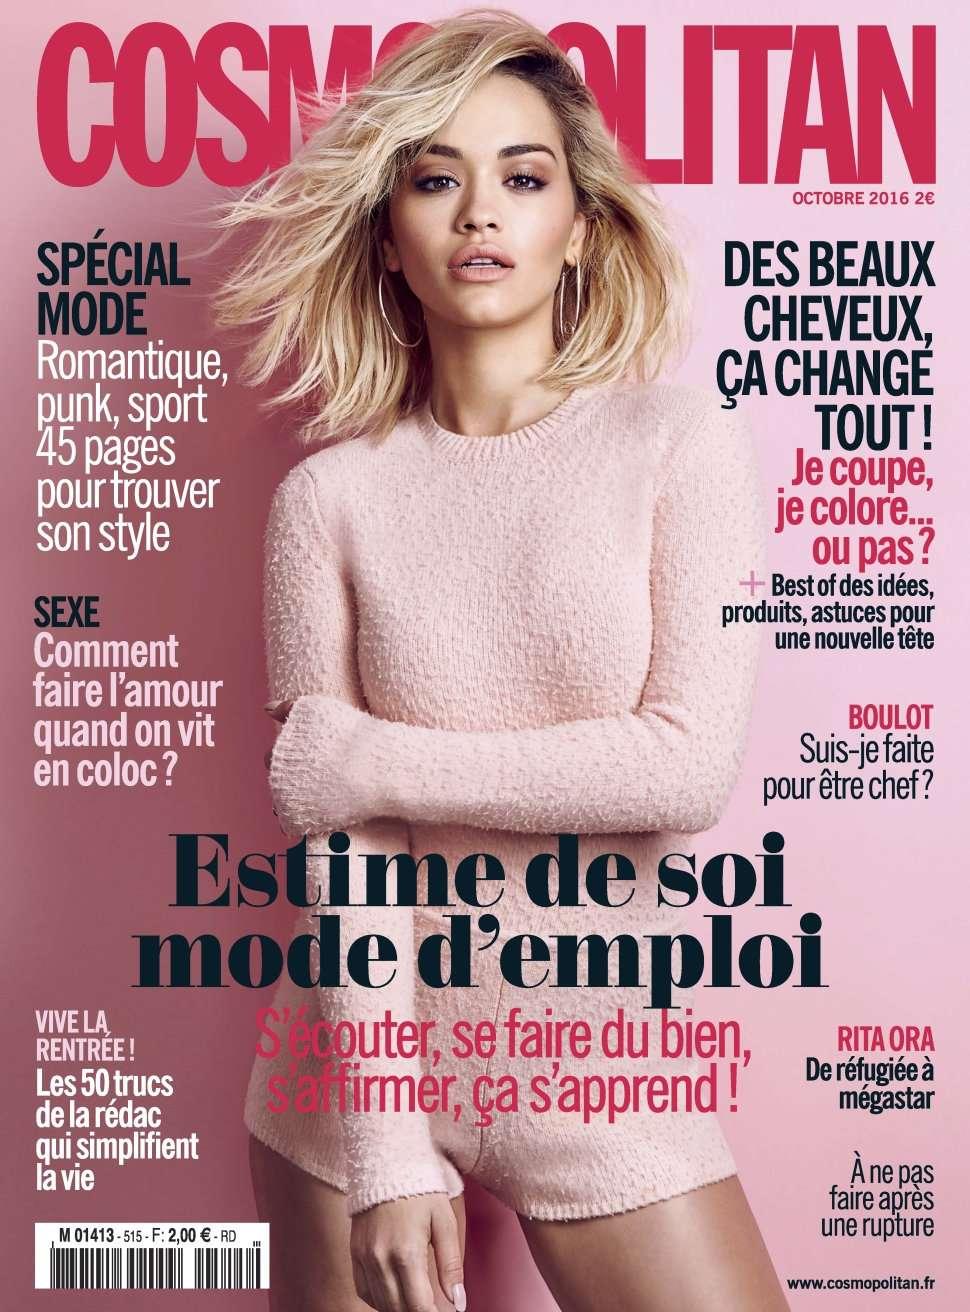 Cosmopolitan 515 - Octobre 2016